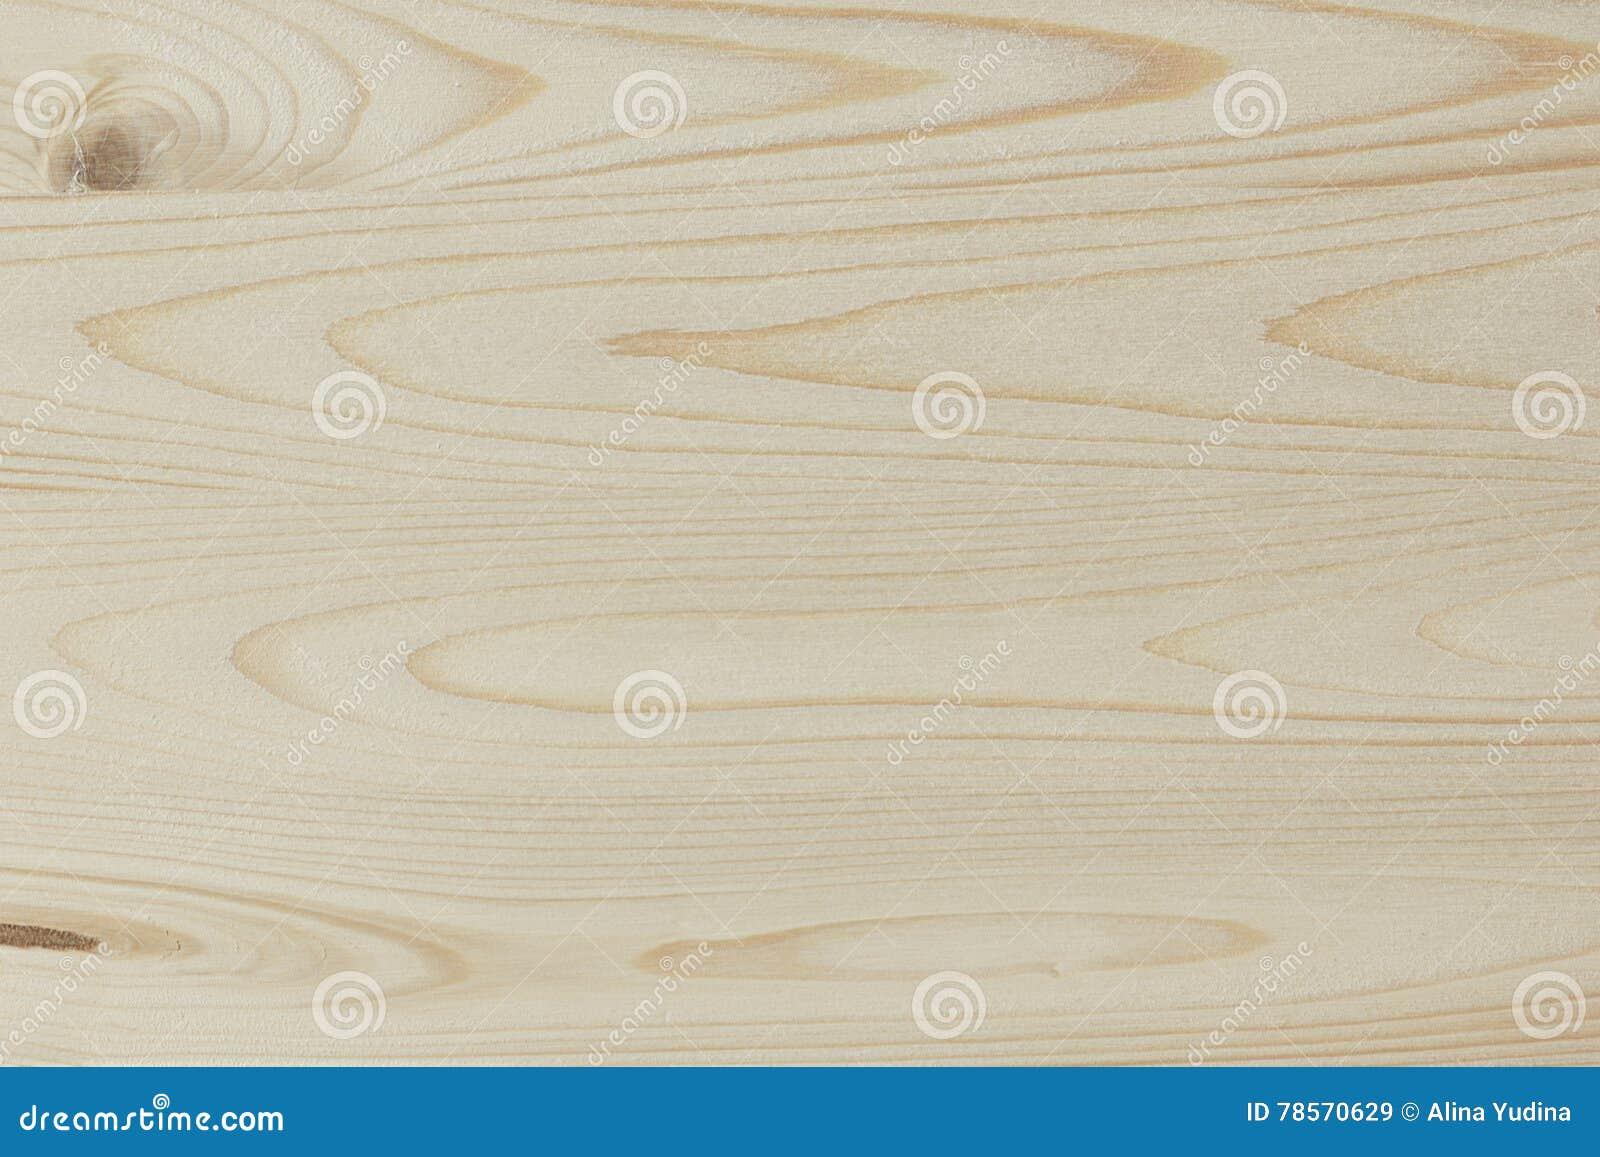 fond beige clair en bois de texture image stock image du structure fond 78570629. Black Bedroom Furniture Sets. Home Design Ideas